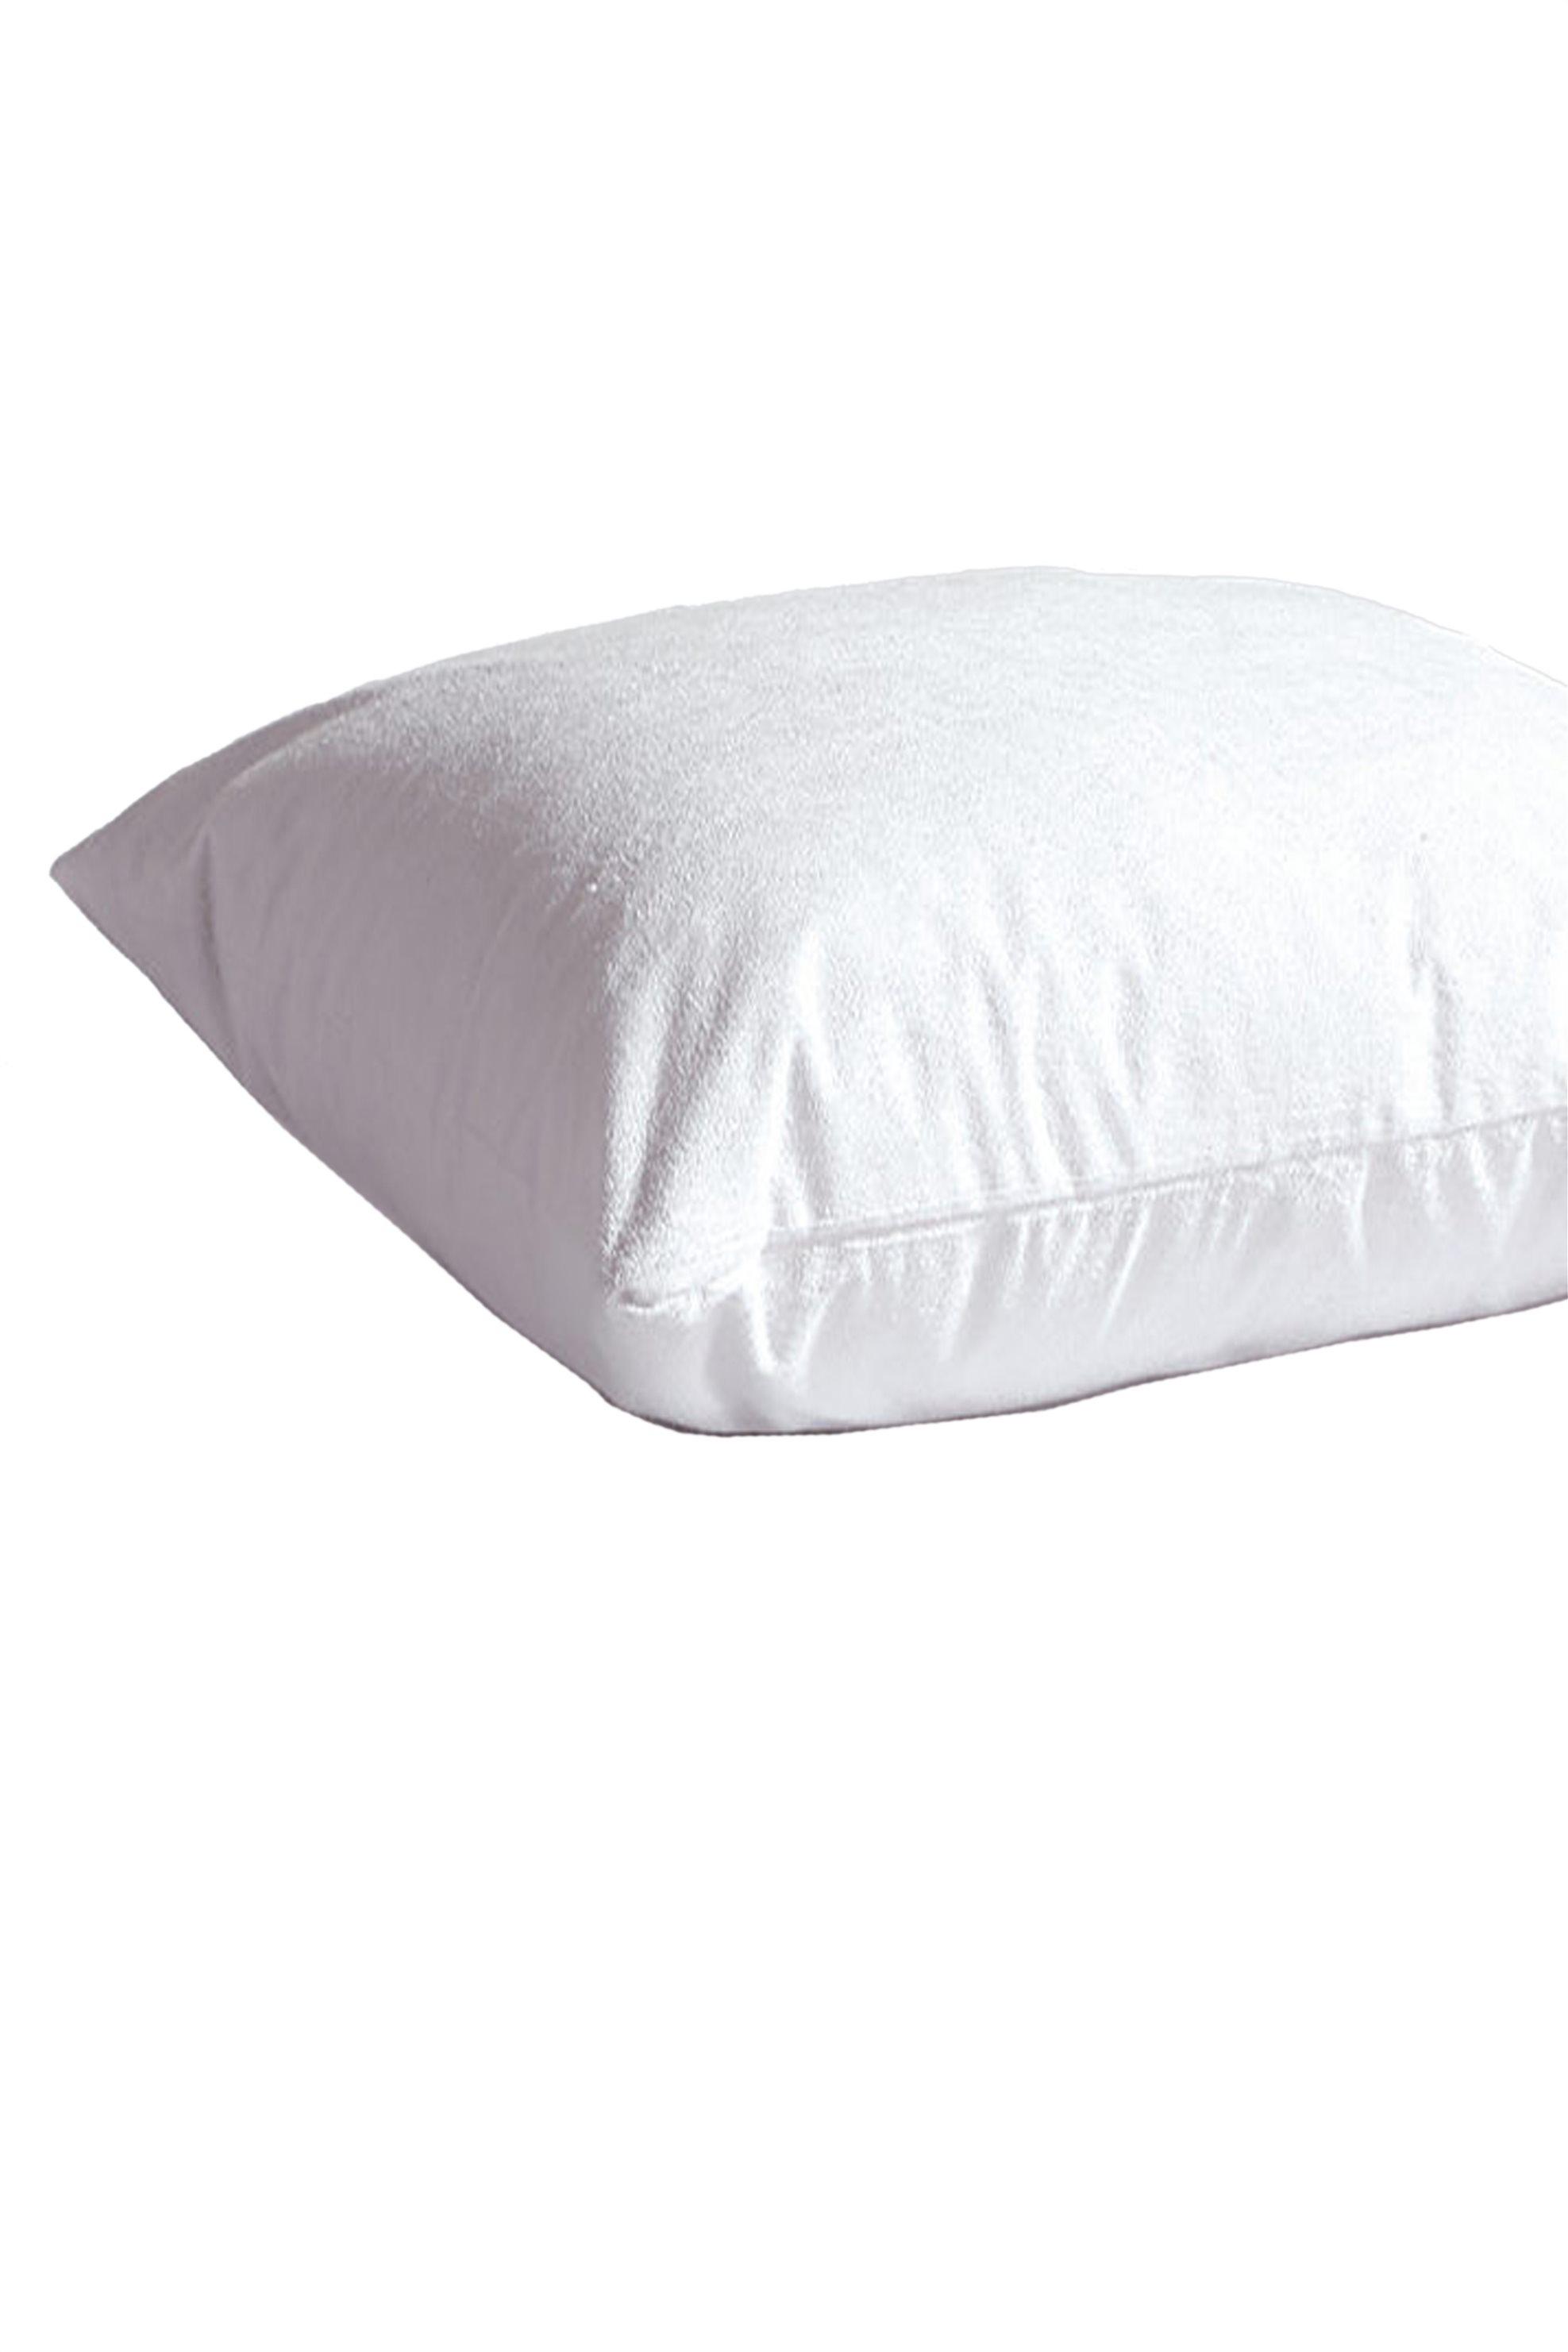 Επίστρωμα διπλό (160 x 200 + 30 cm) NEF - NEF - 007262-- - Λευκό home   παιδια   παιδικά επιστρώματα   επιστρώματα